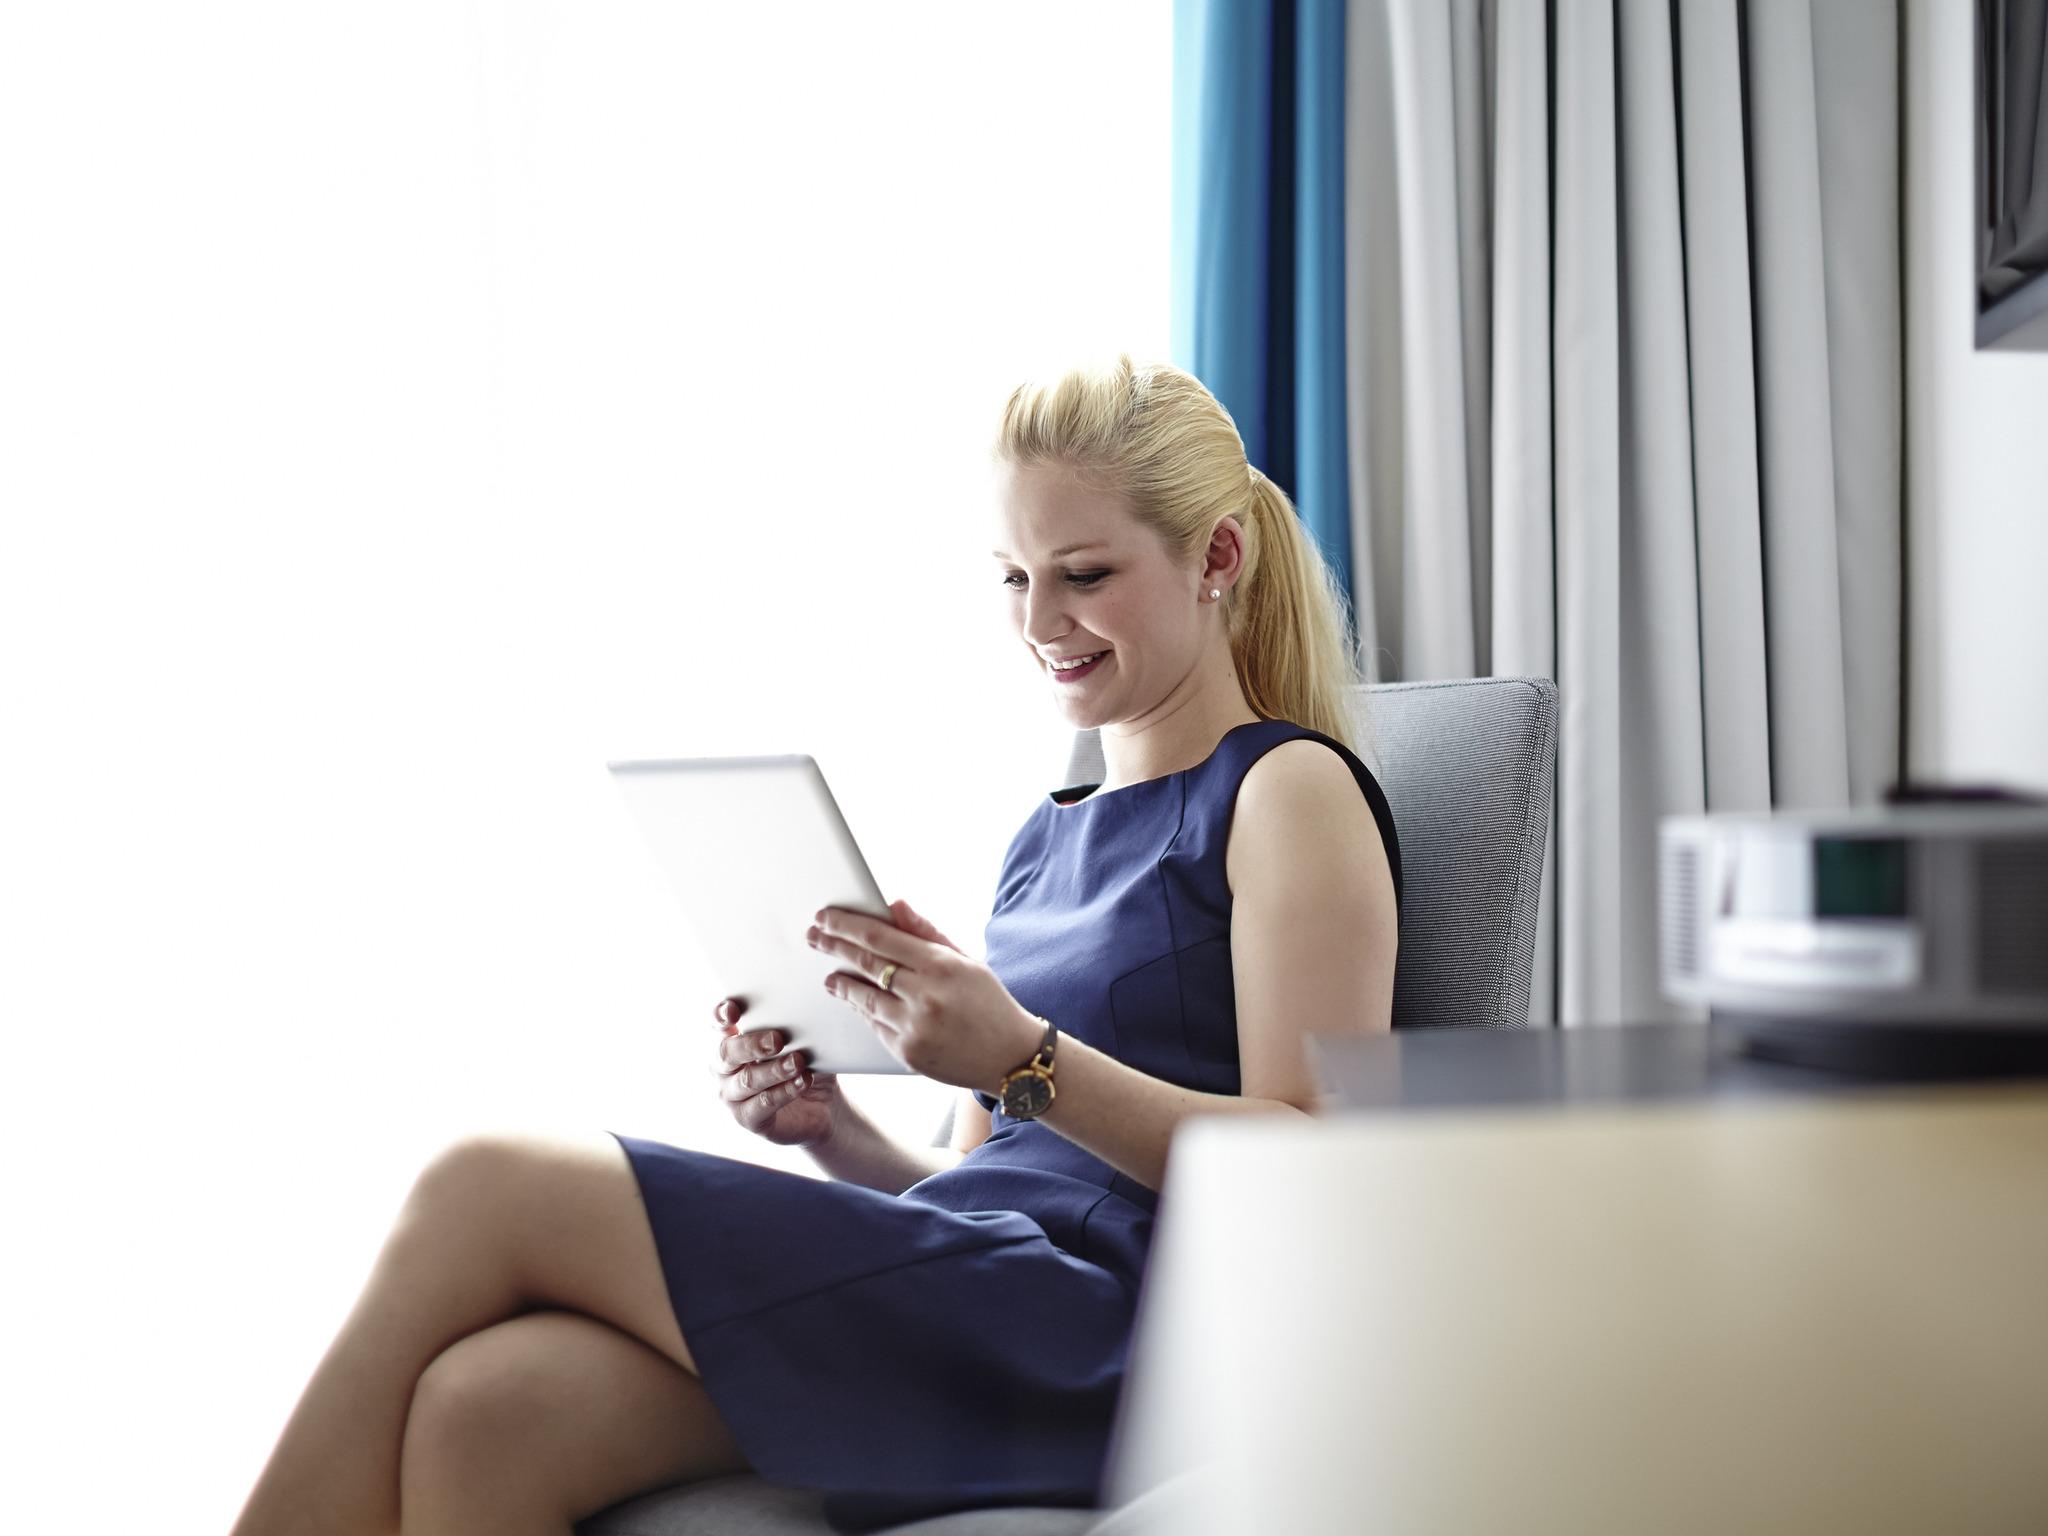 โรงแรม – โนโวเทล ลอนดอน เวมบลีย์